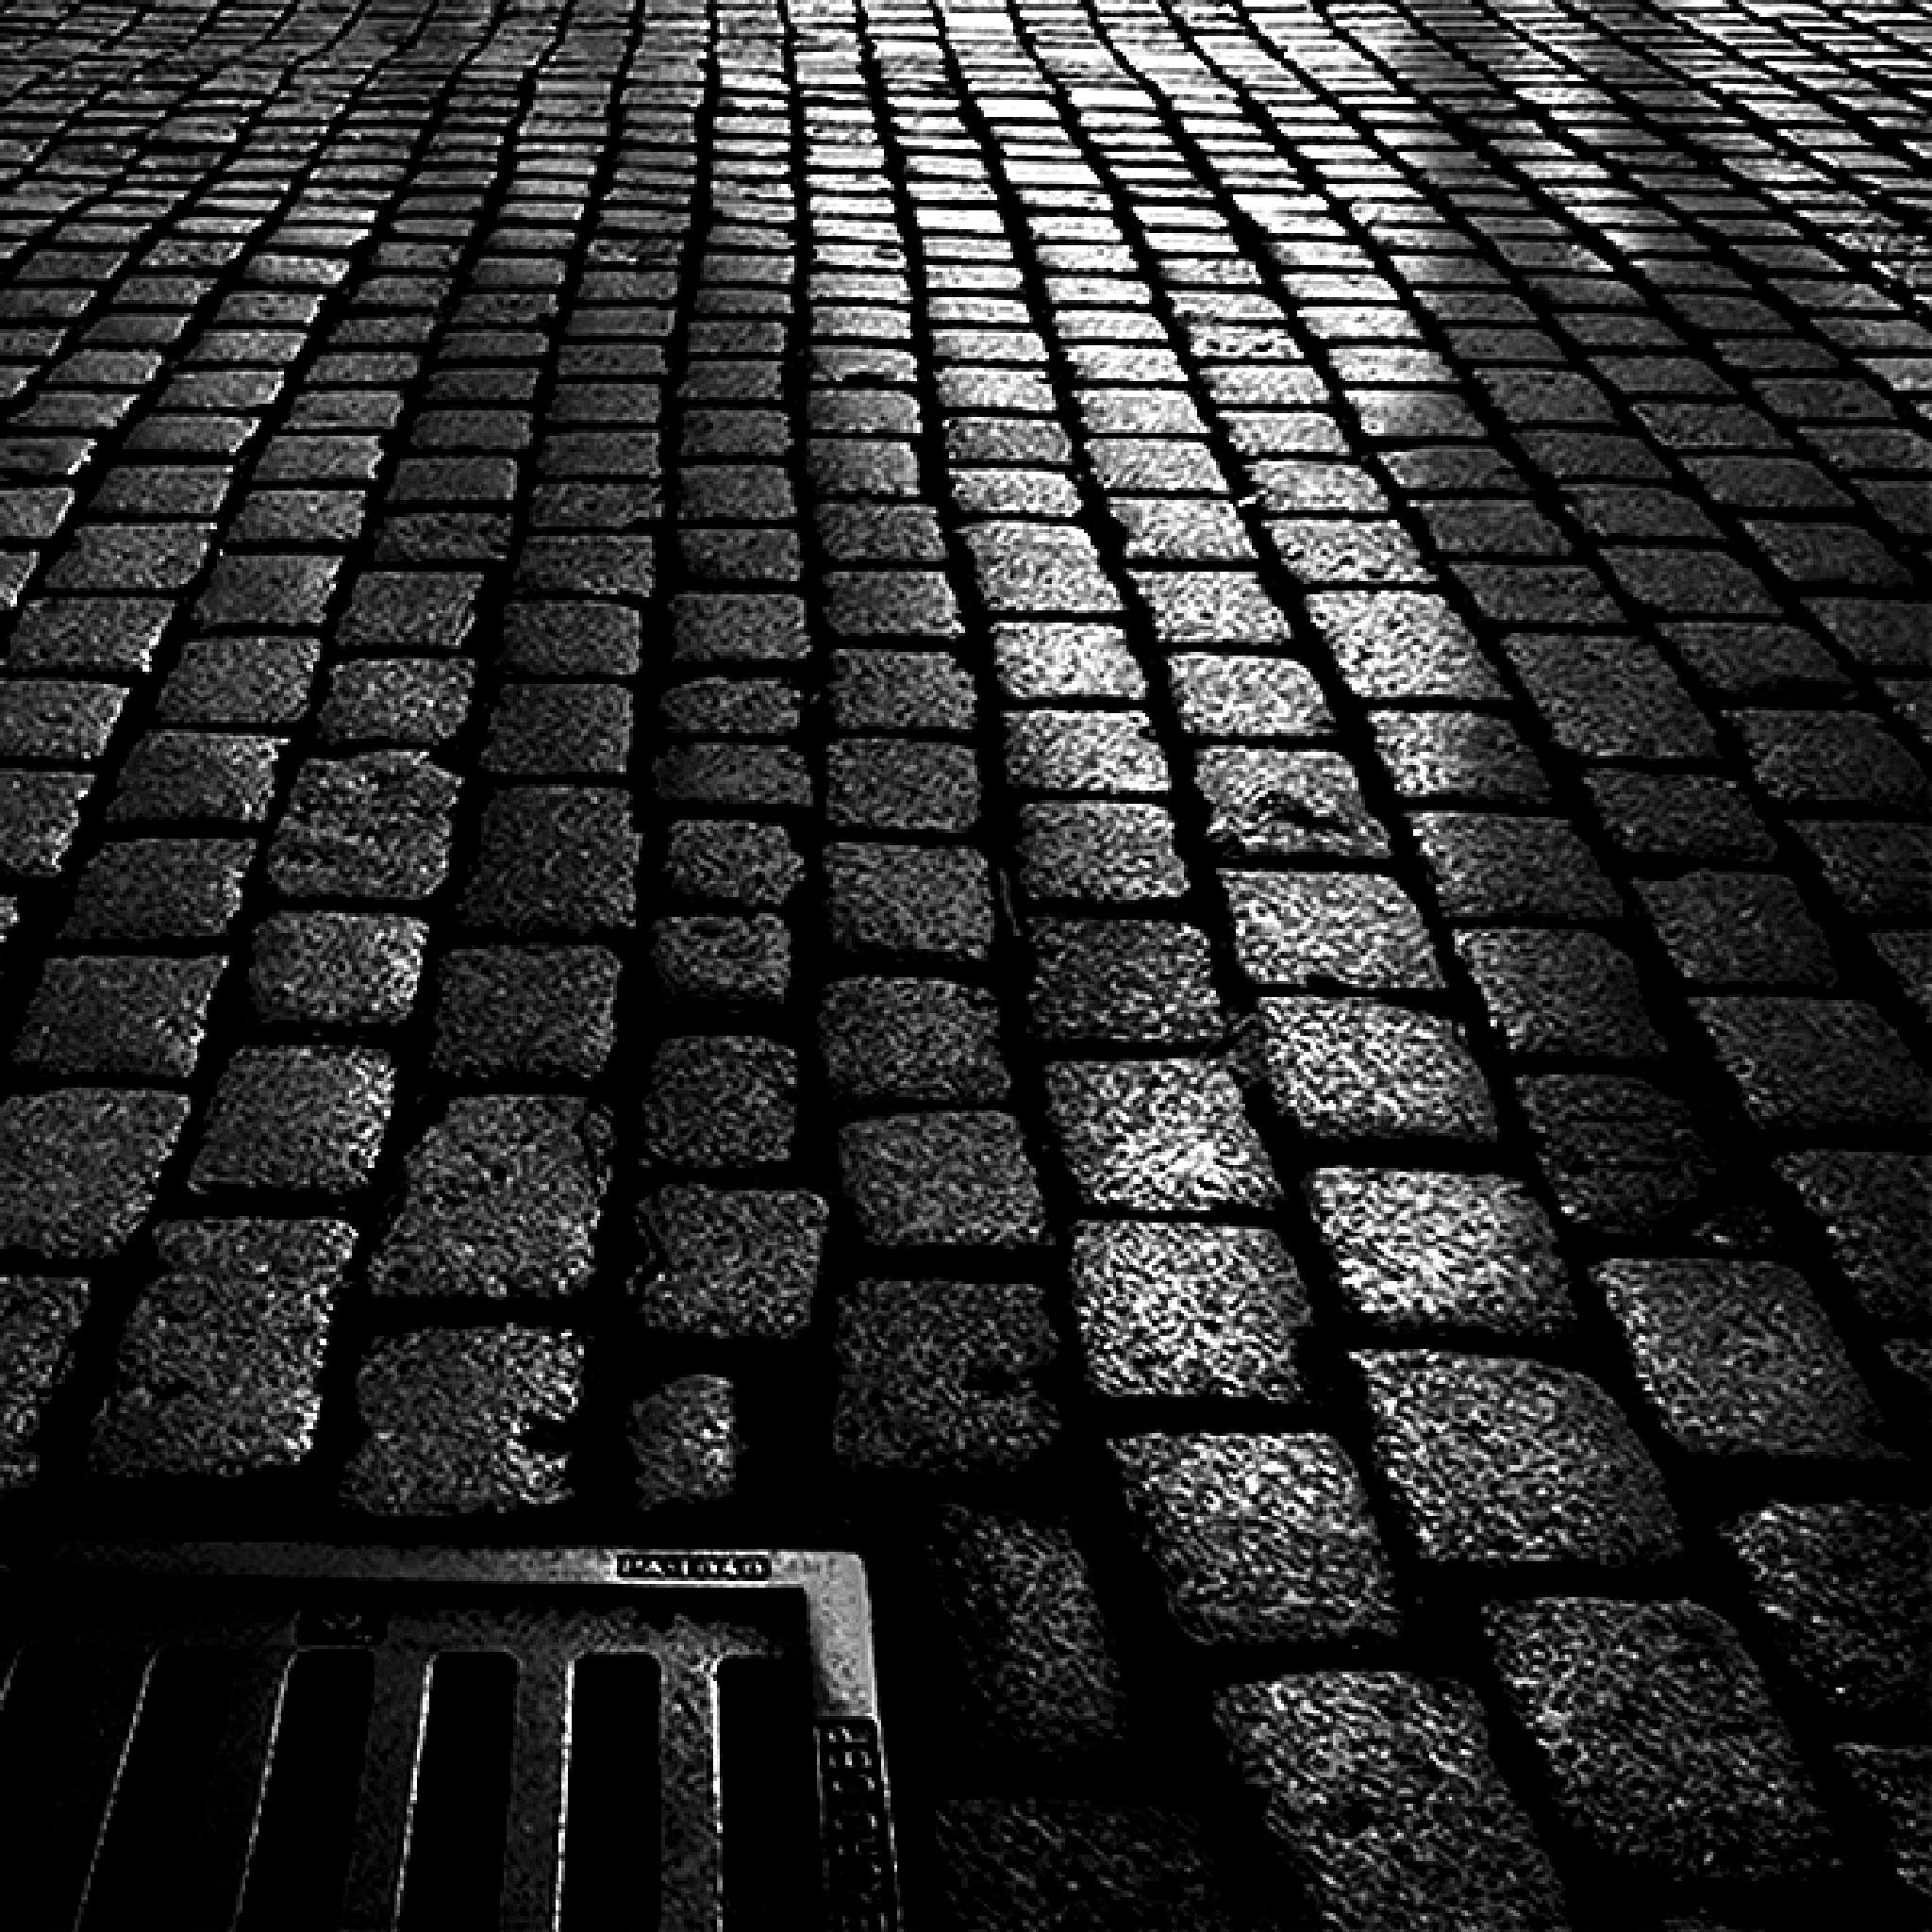 Street with shadows by Gernot Schwarz